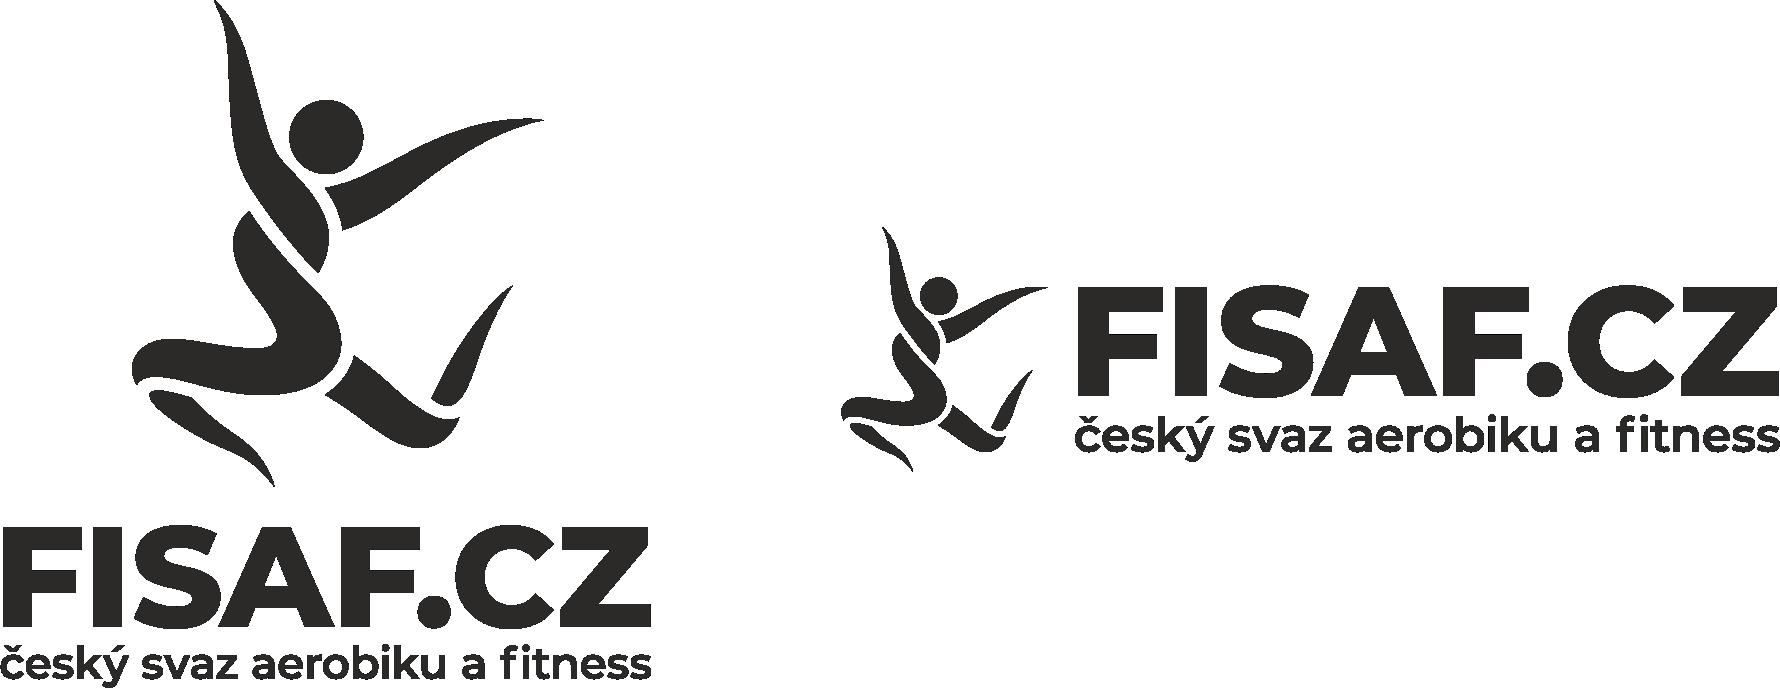 Černé logo FISAF.cz